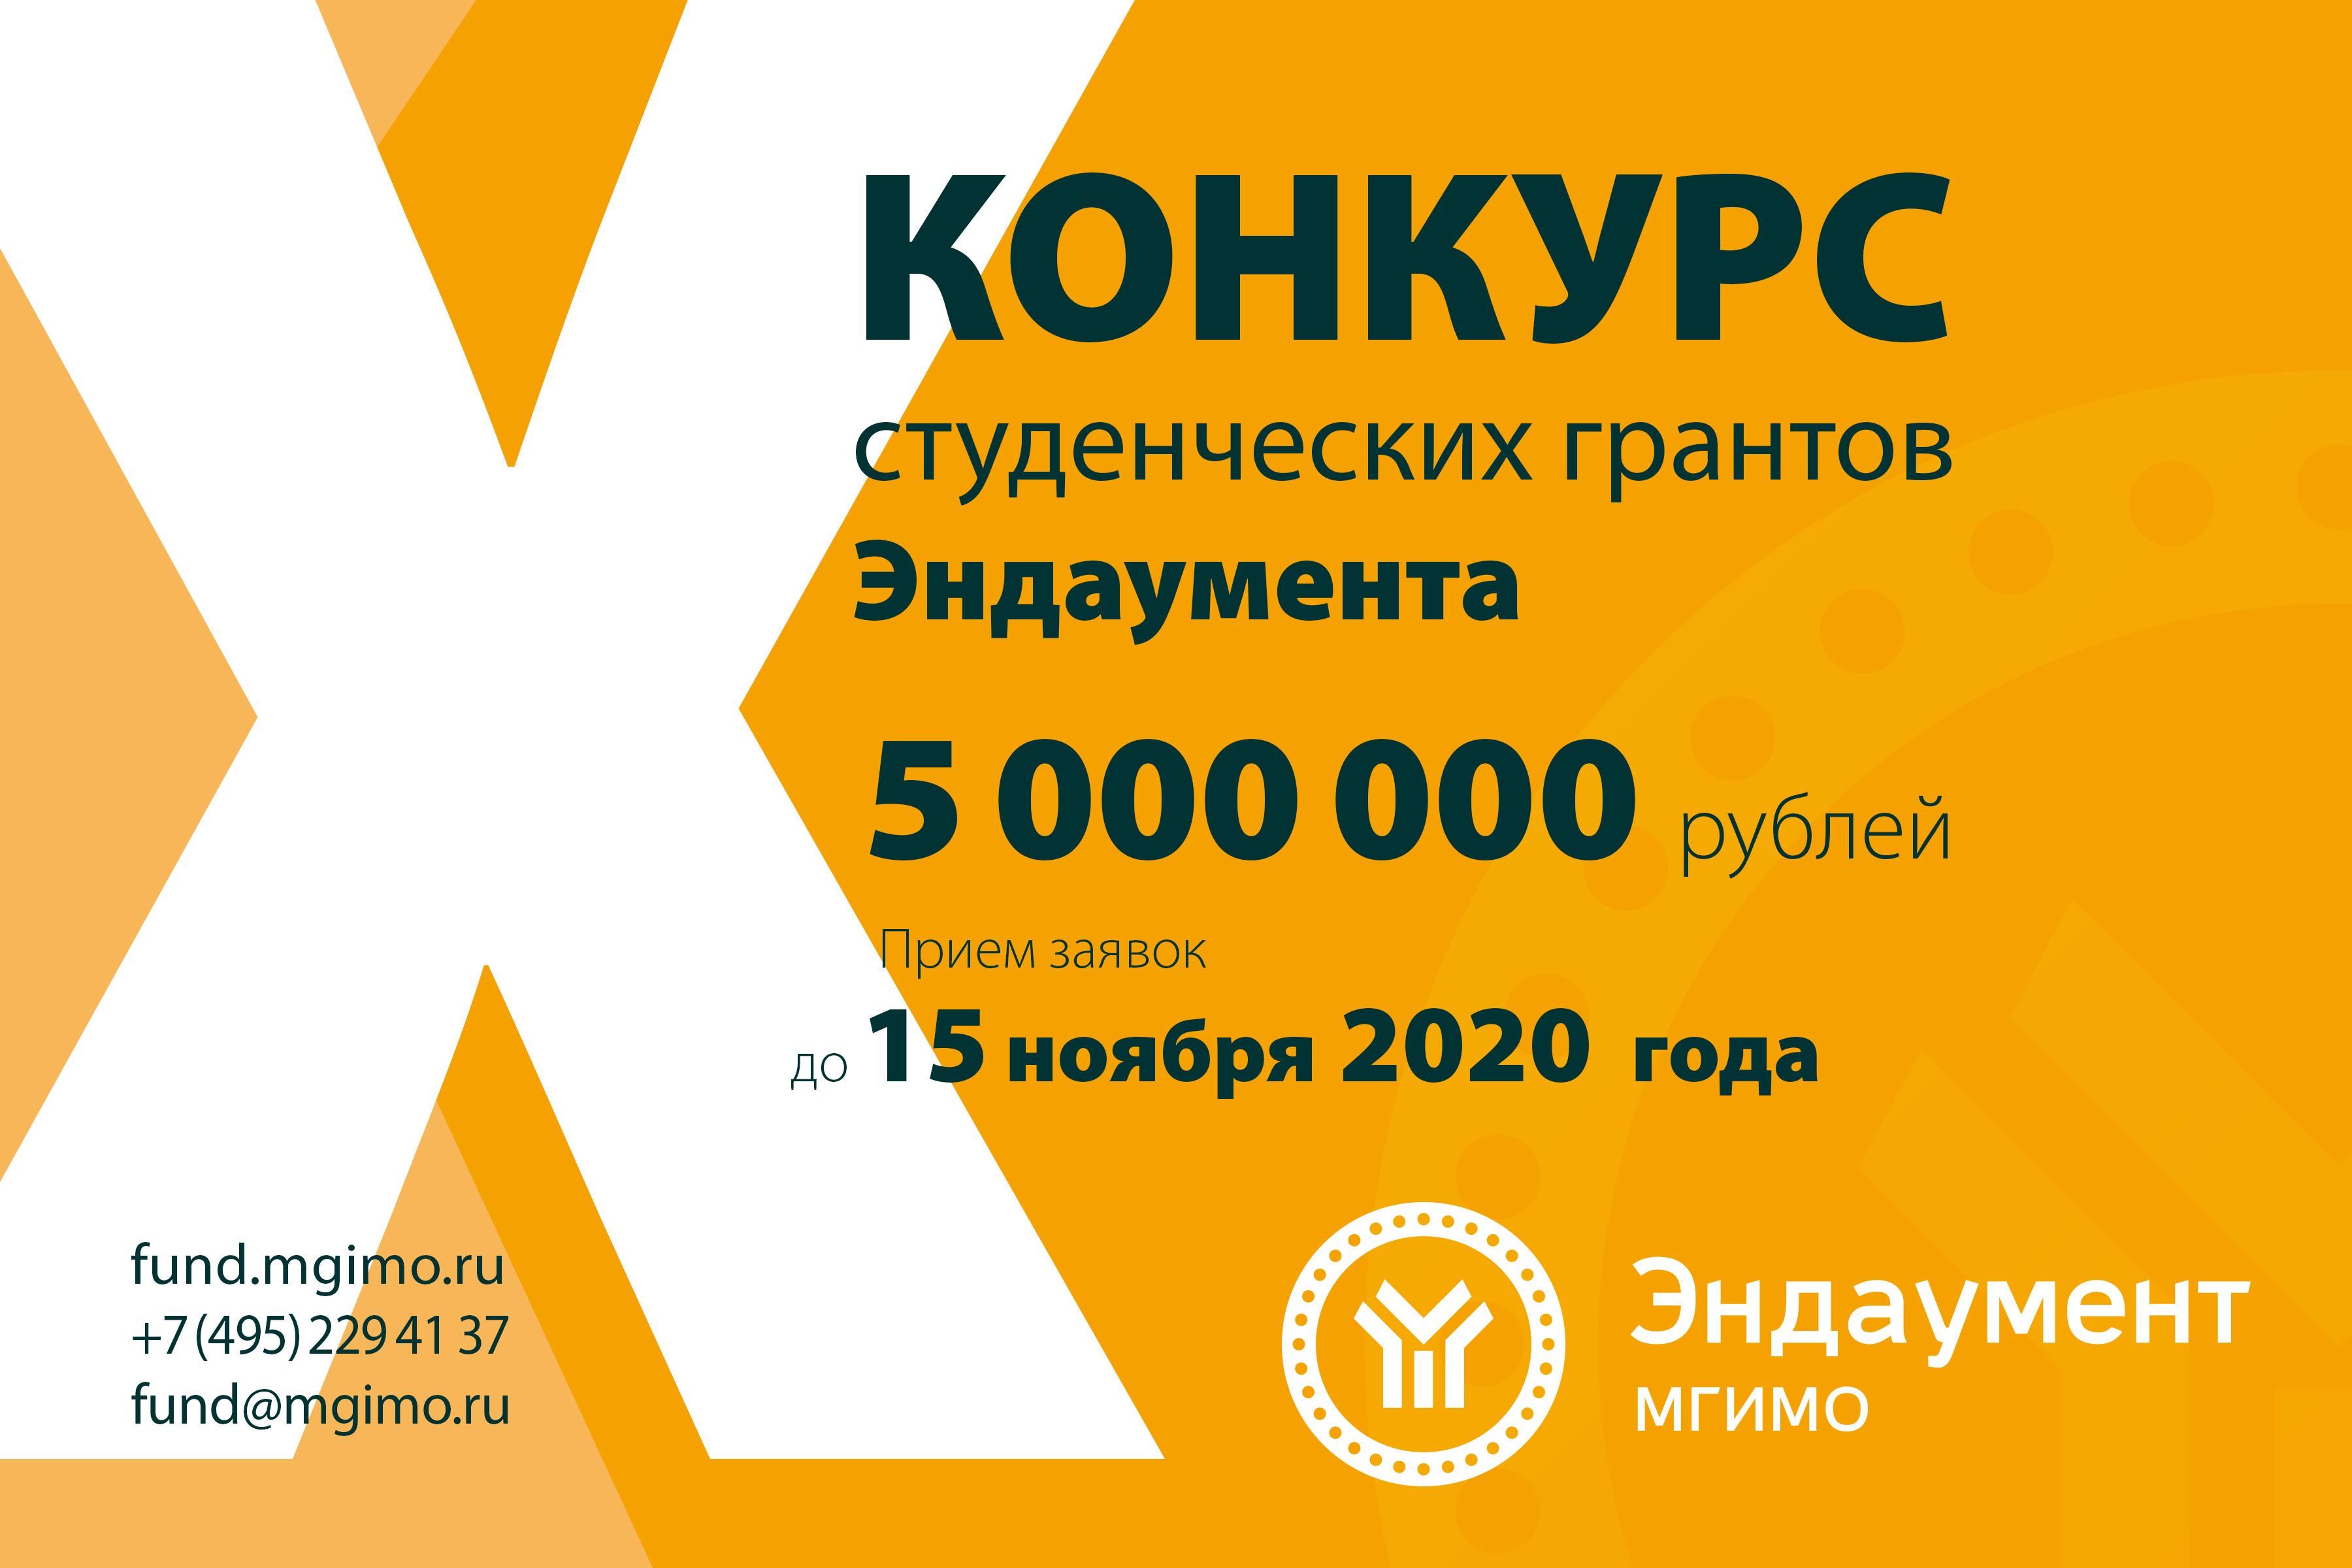 Эндаумент МГИМО объявляет X Конкурс студенческих грантов!